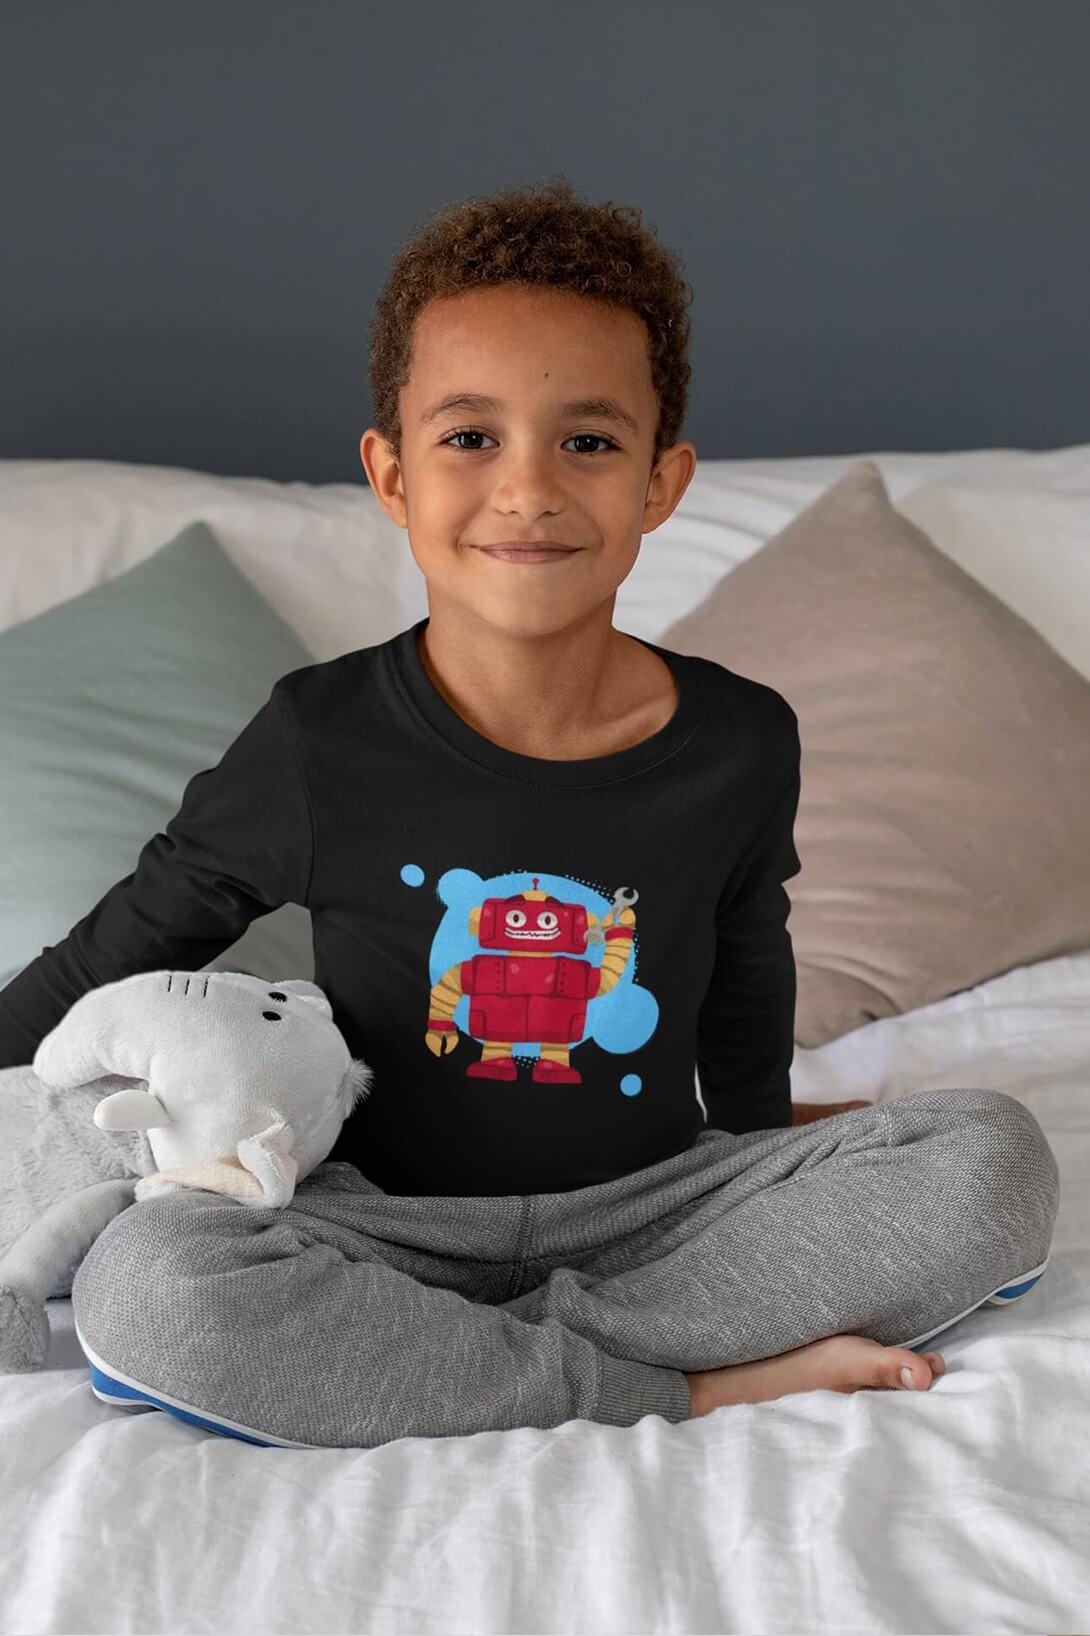 MMO Chlapčenské tričko s dlhým rukávom Robot Vyberte farbu:: Čierna, Detská veľkosť: 158/12 rokov